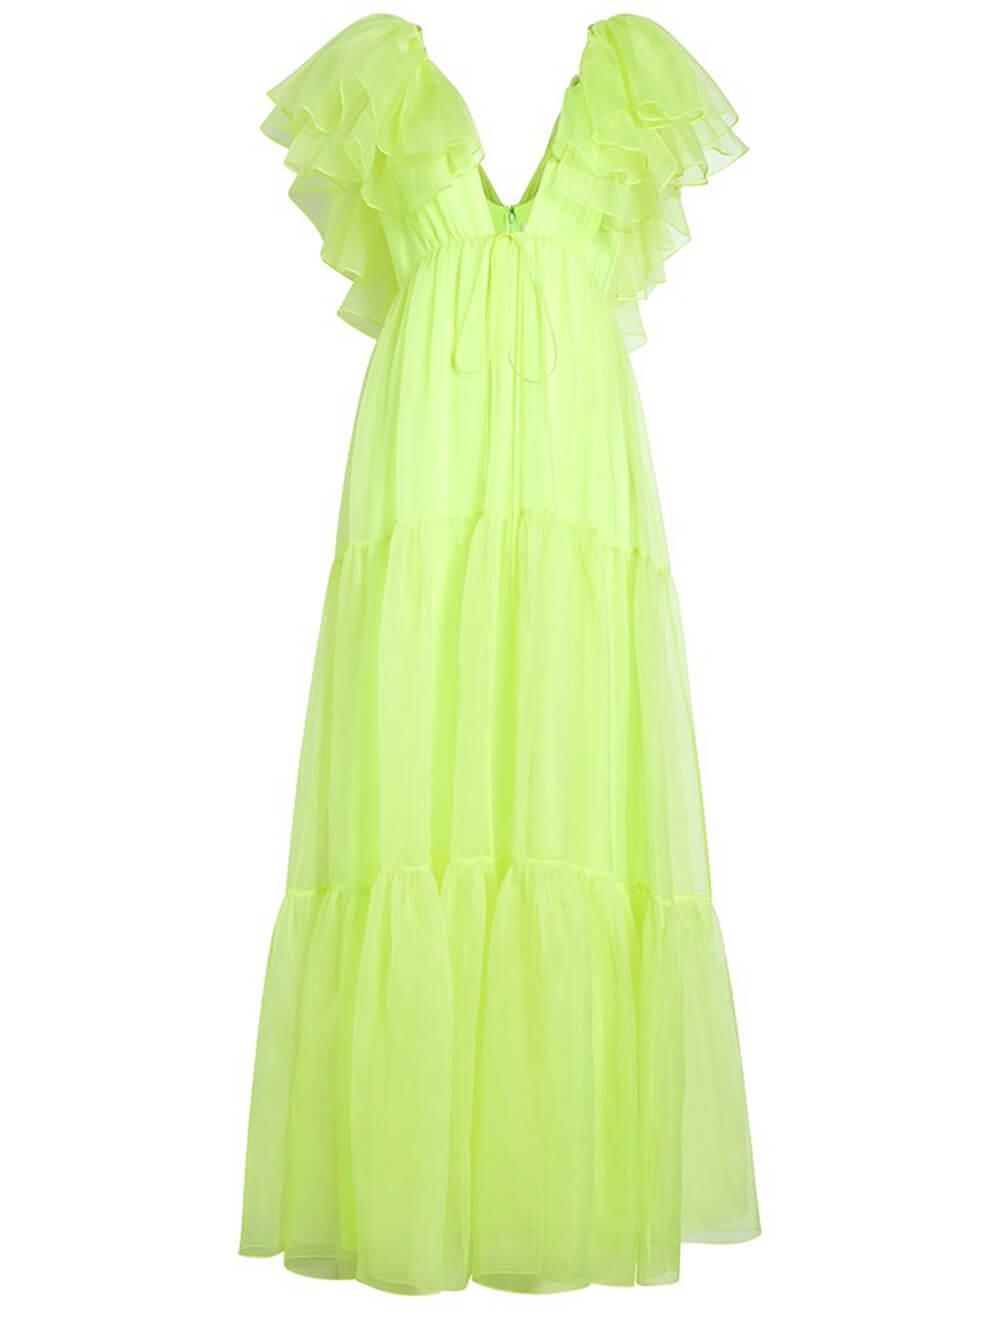 Chrishelle Dress